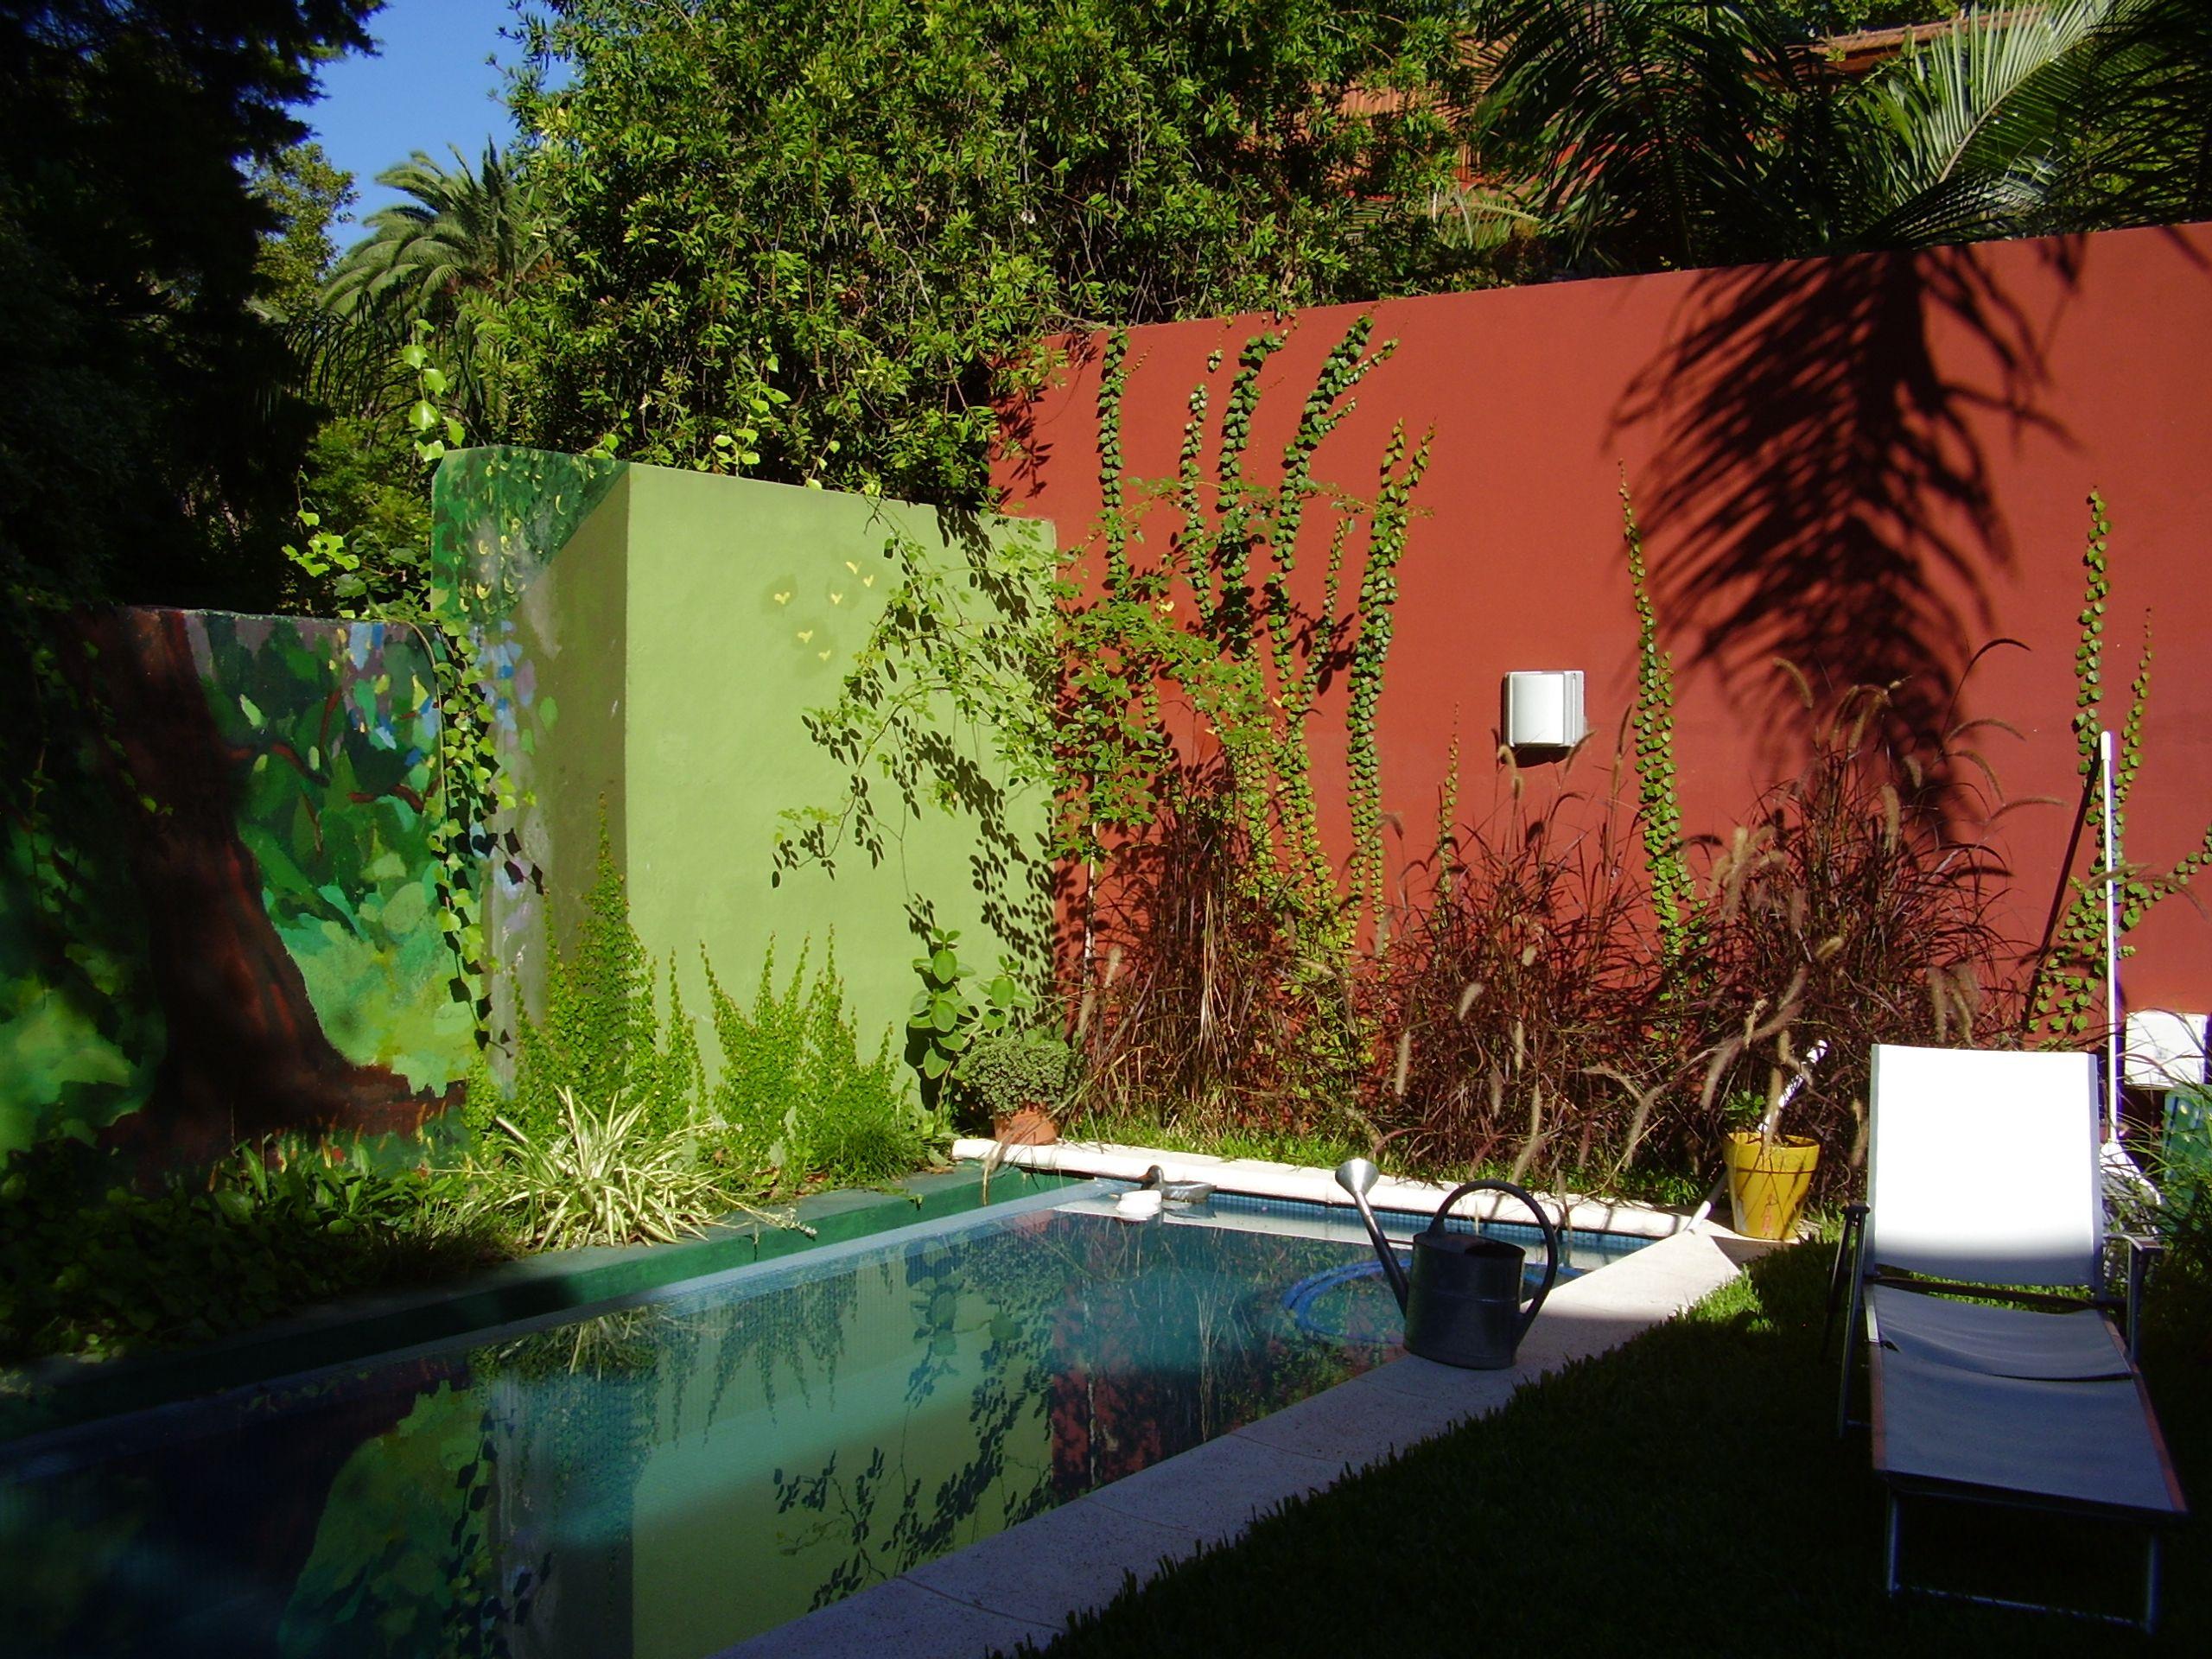 Jardin que se une a las paredes pintadas encuentros for Decoracion de jardines y muros exteriores